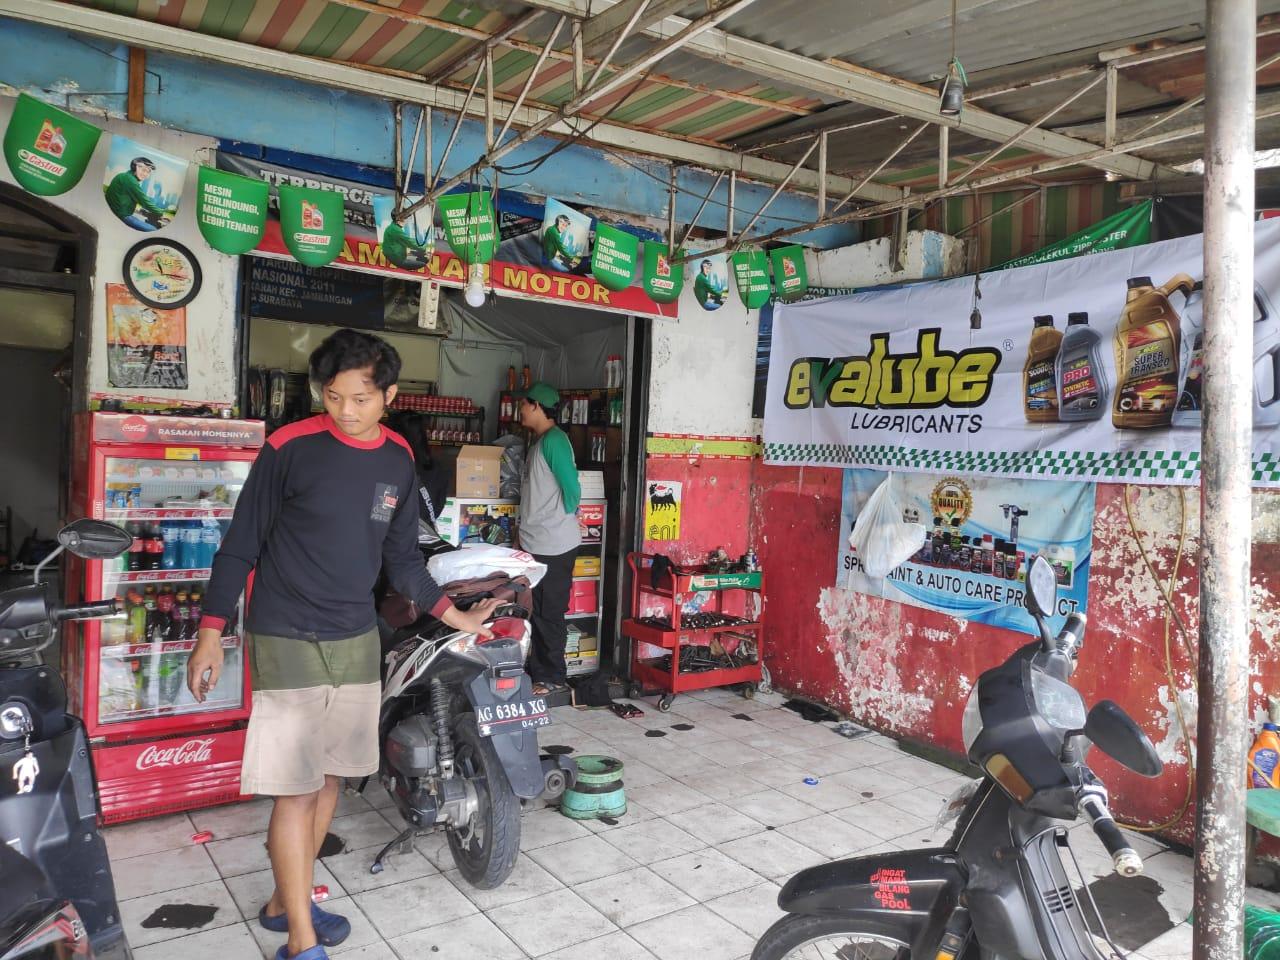 Evalube Lakukan Aktivitas Penjualan Sales Blitz di Surabaya